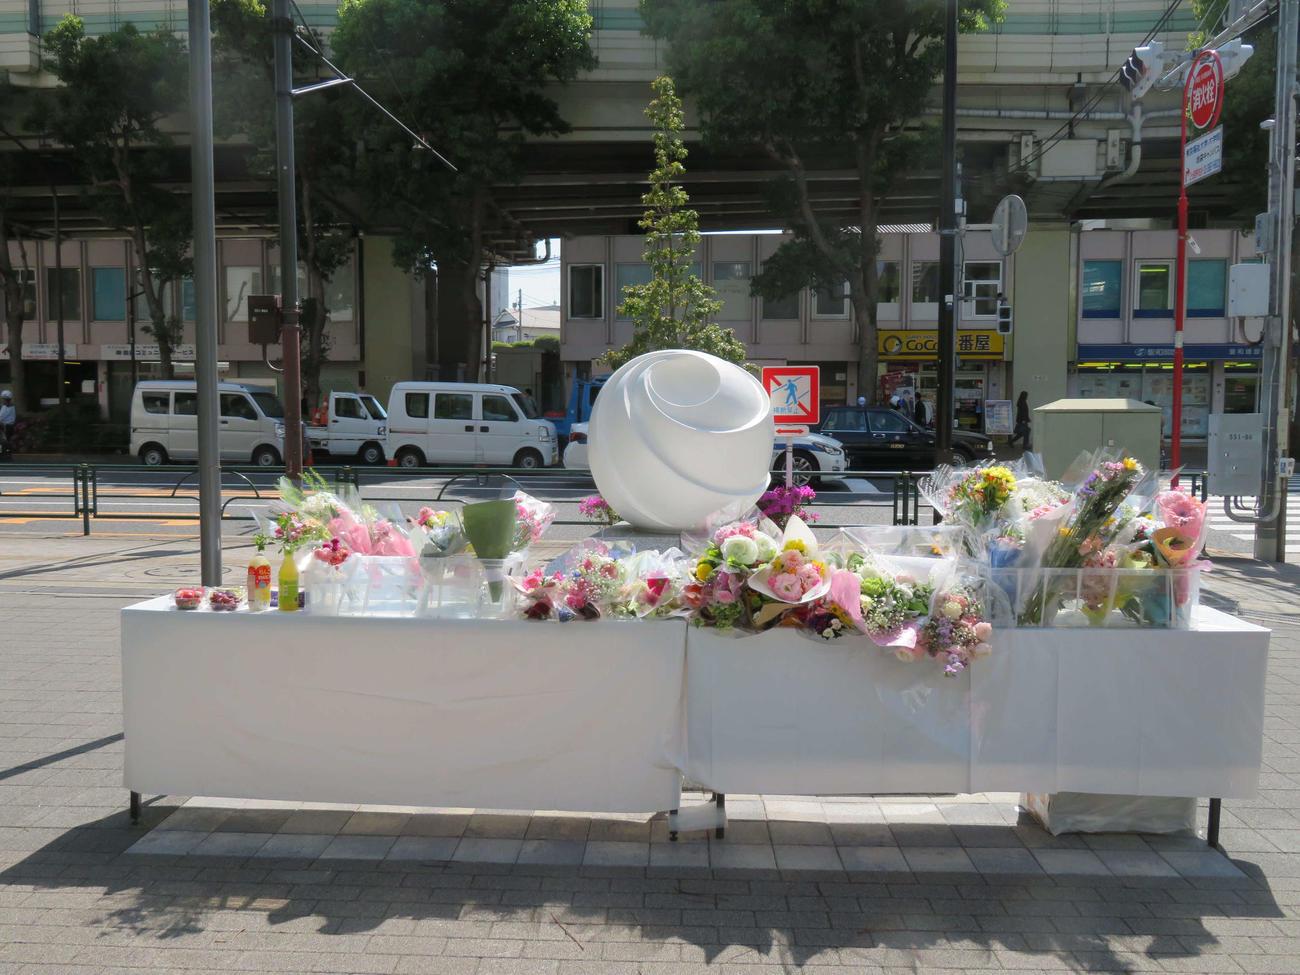 東京・池袋で発生した乗用車暴走事故から丸2年がたっても、慰霊碑前に設置された献花台に手向けられた多くの花(撮影・村上幸将)